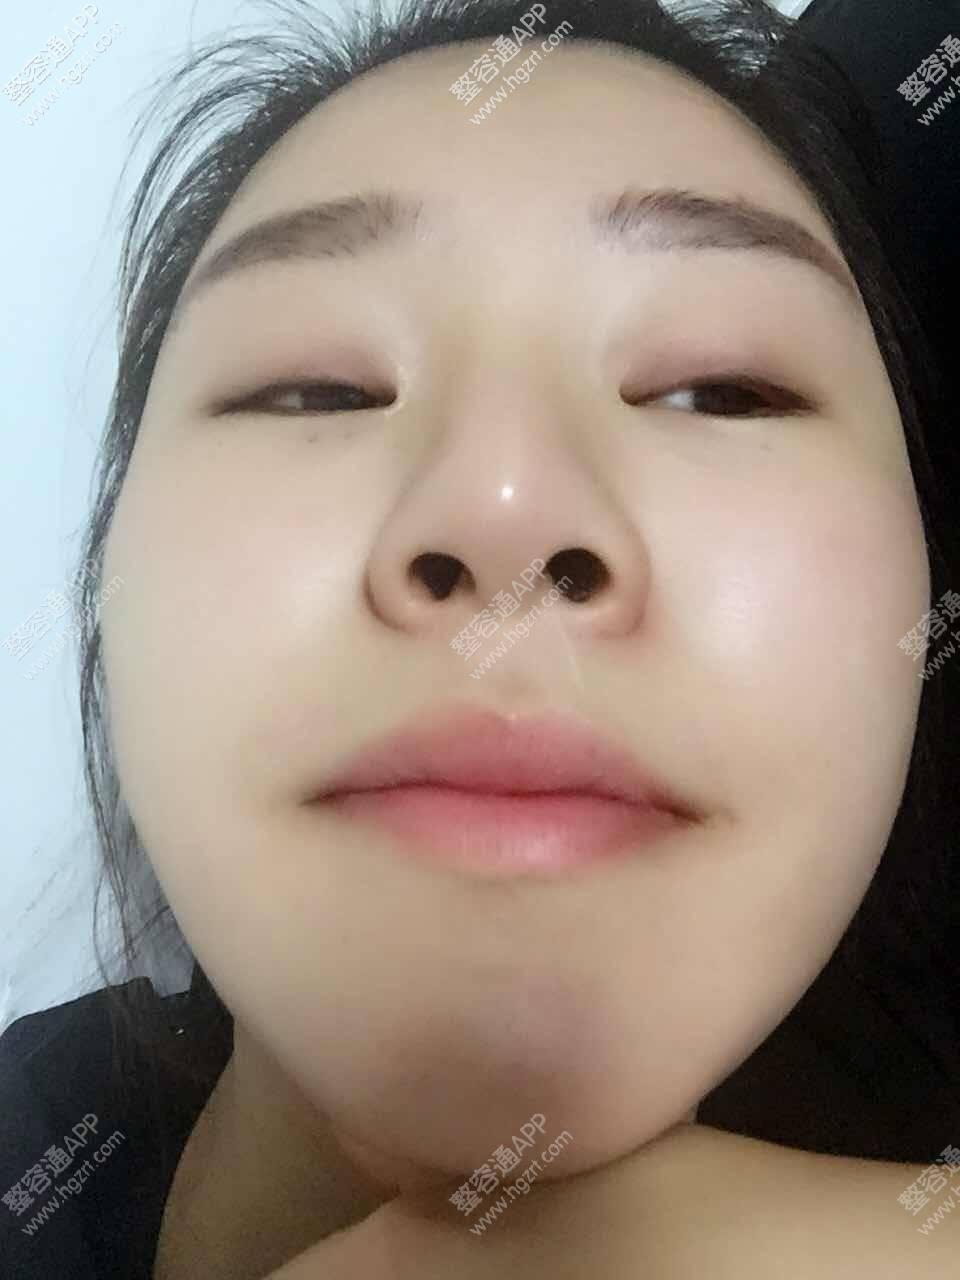 之前的鼻子 大鼻孔